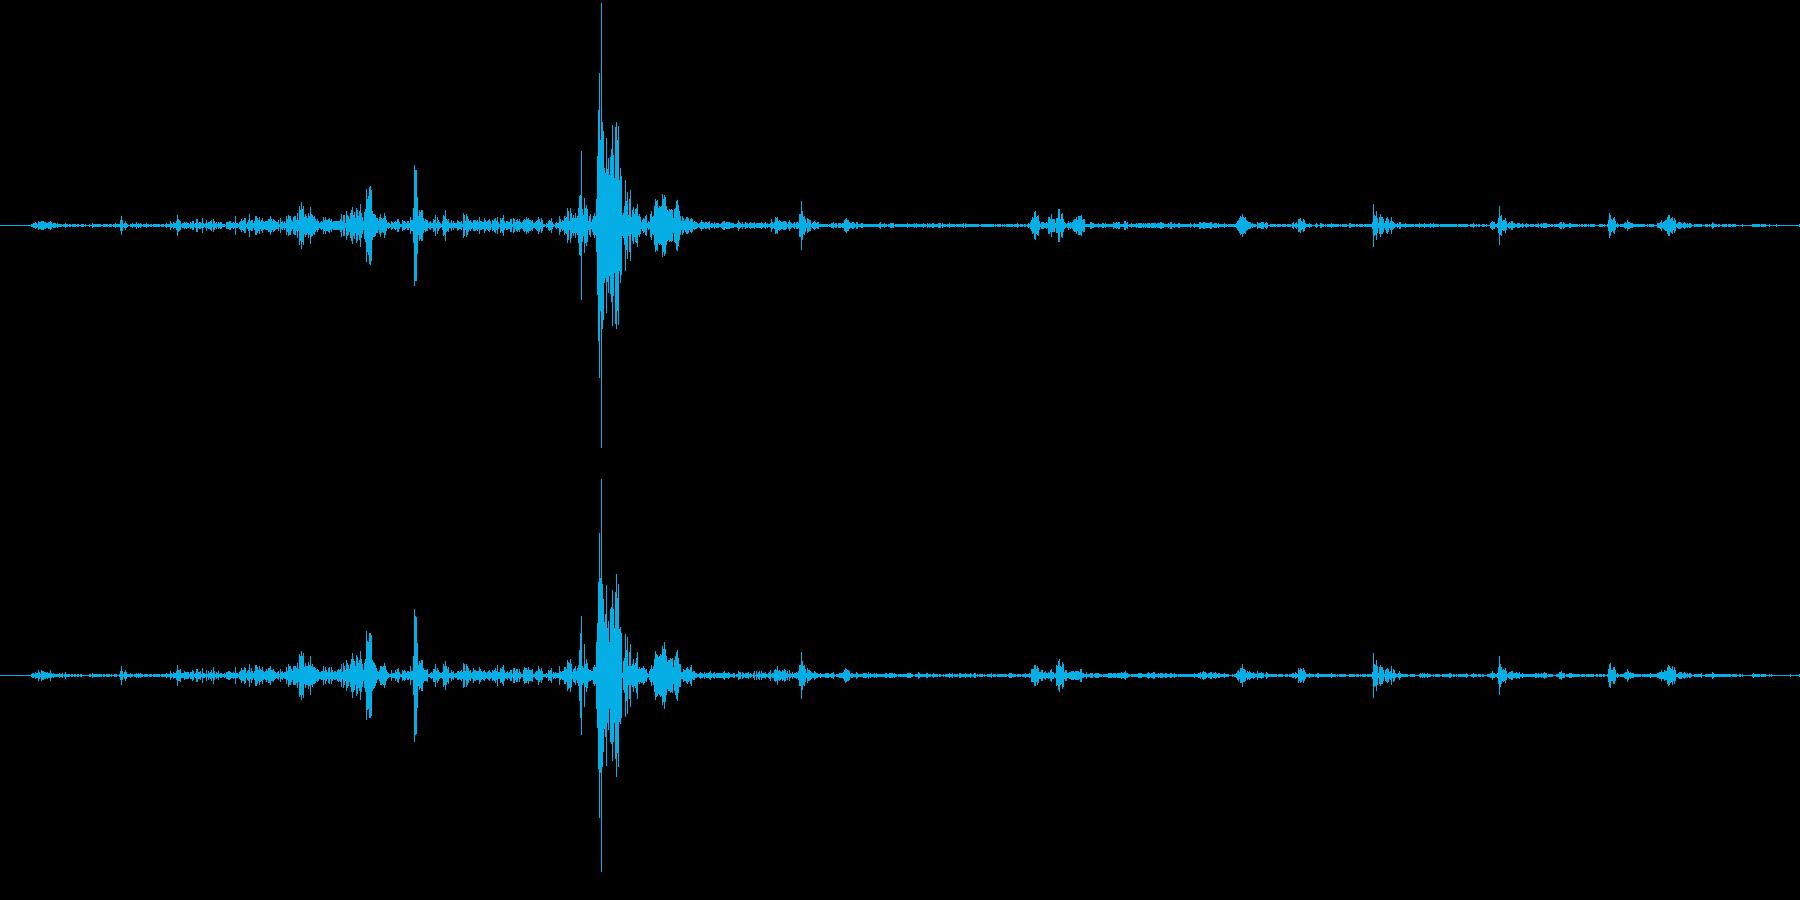 Fish 魚がピチャッと跳ねる音 1の再生済みの波形